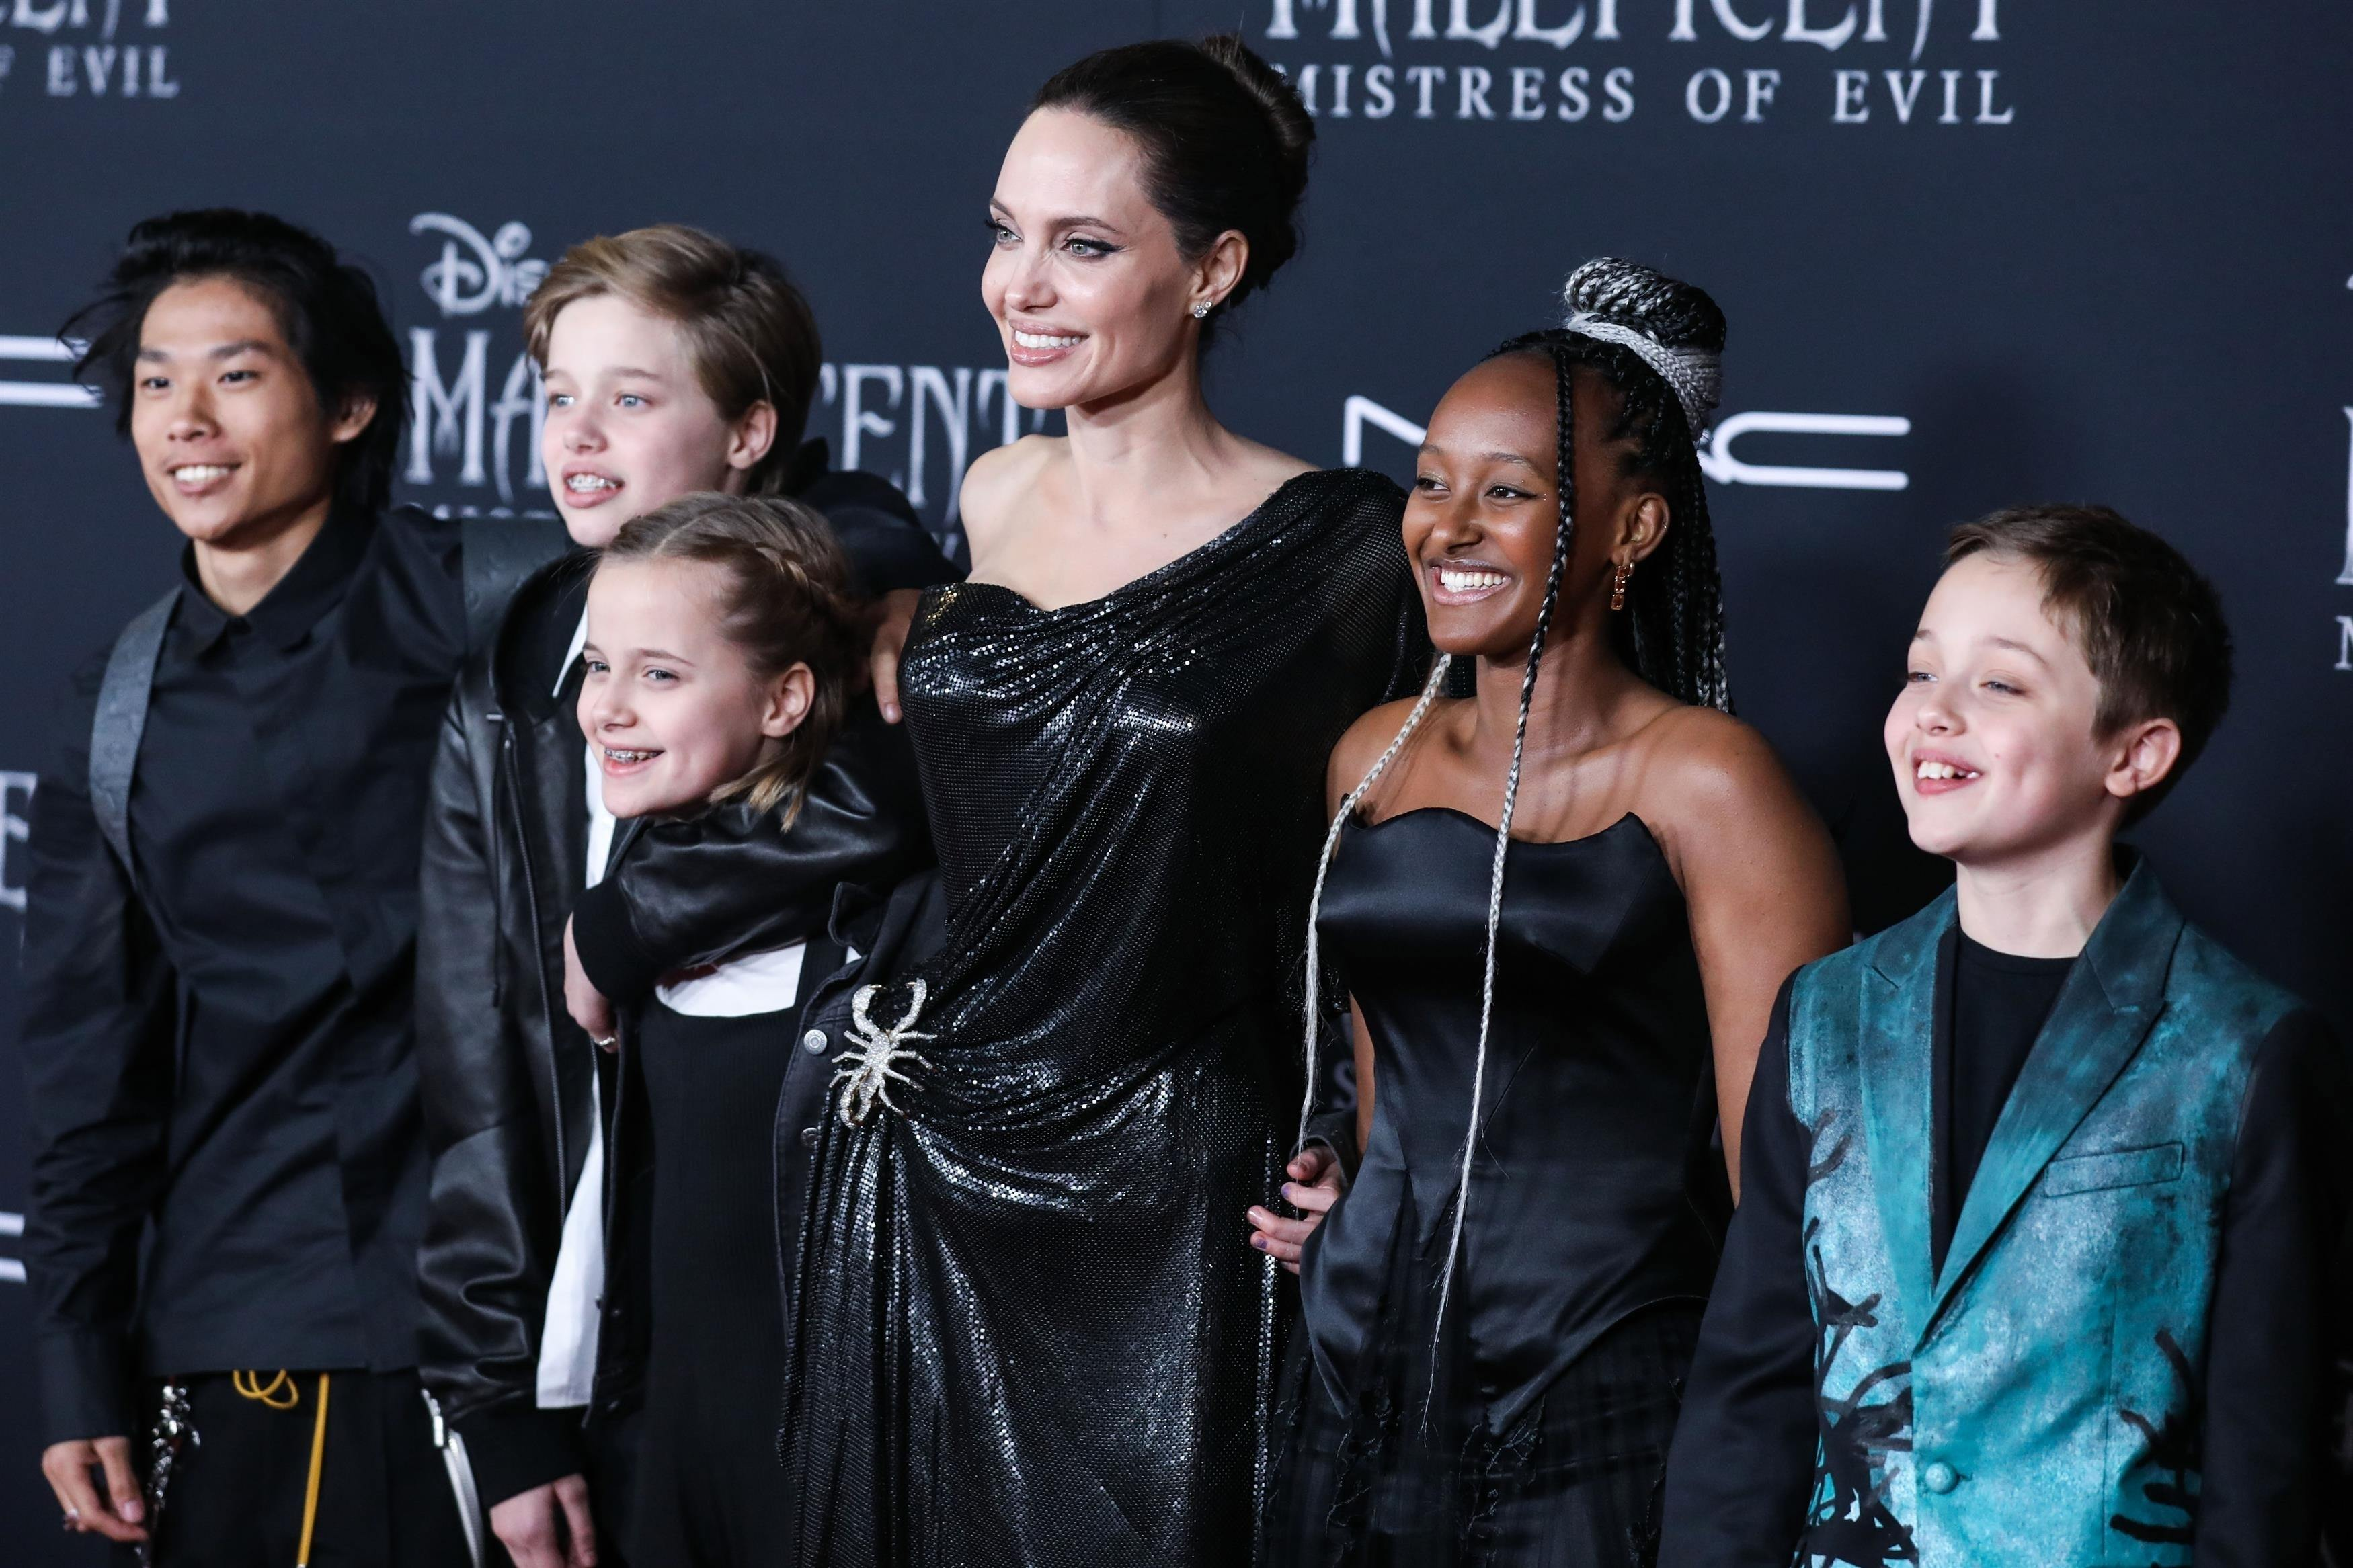 Приемная дочь Джоли стала дизайнером украшений. Ей 14 лет!